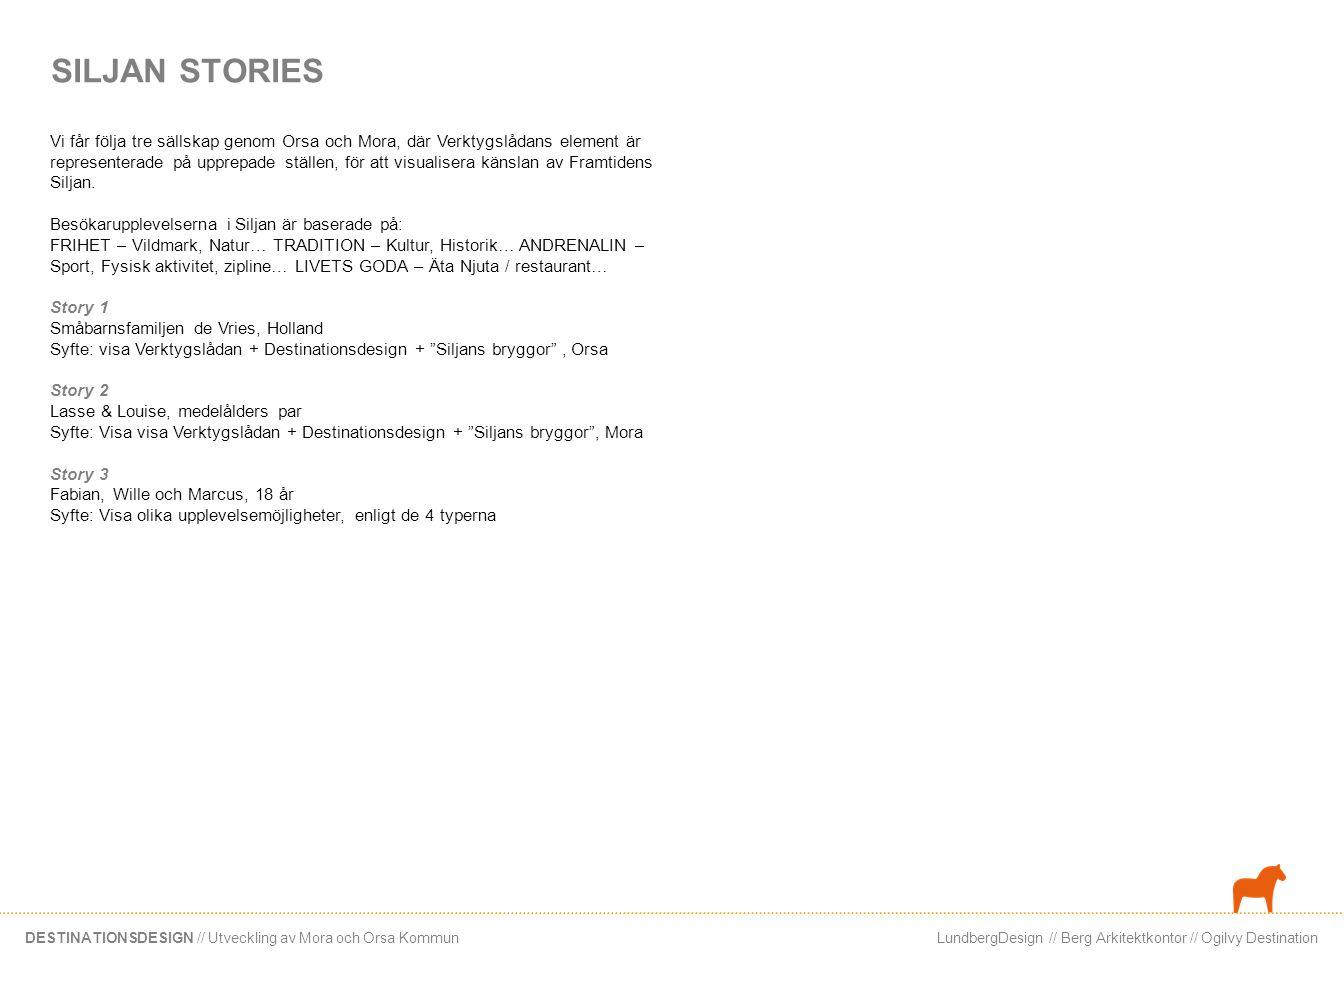 LundbergDesign // Berg Arkitektkontor // Ogilvy DestinationDESTINATIONSDESIGN // Utveckling av Mora och Orsa Kommun SILJAN STORIES Vi får följa tre sä